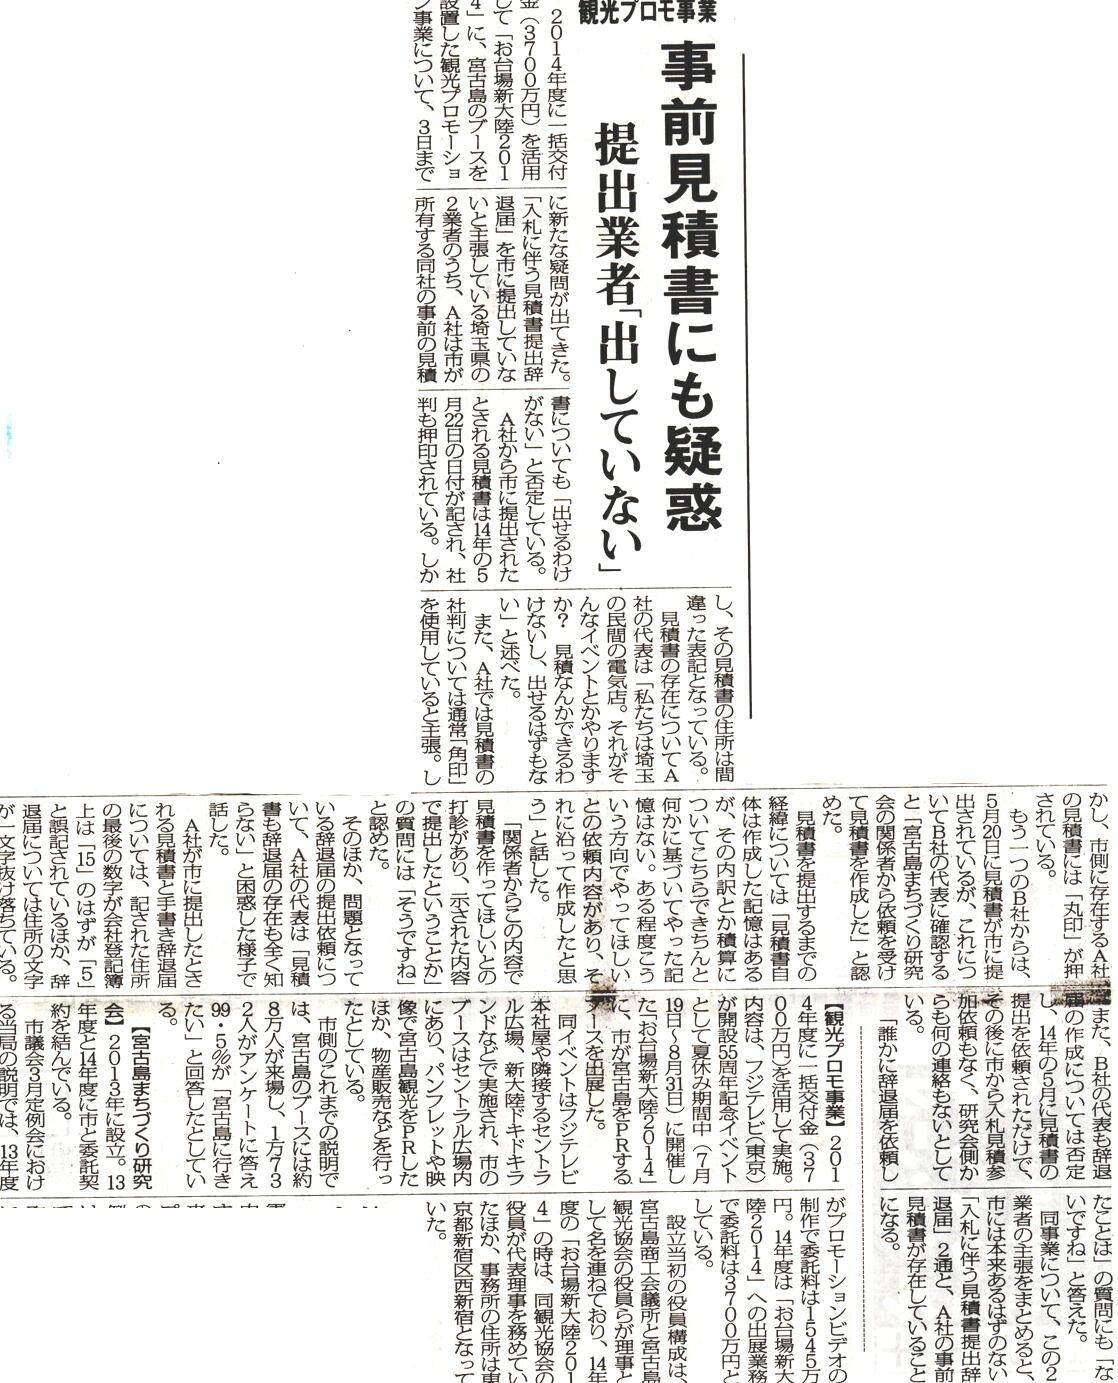 miyakomainichi2016 100043